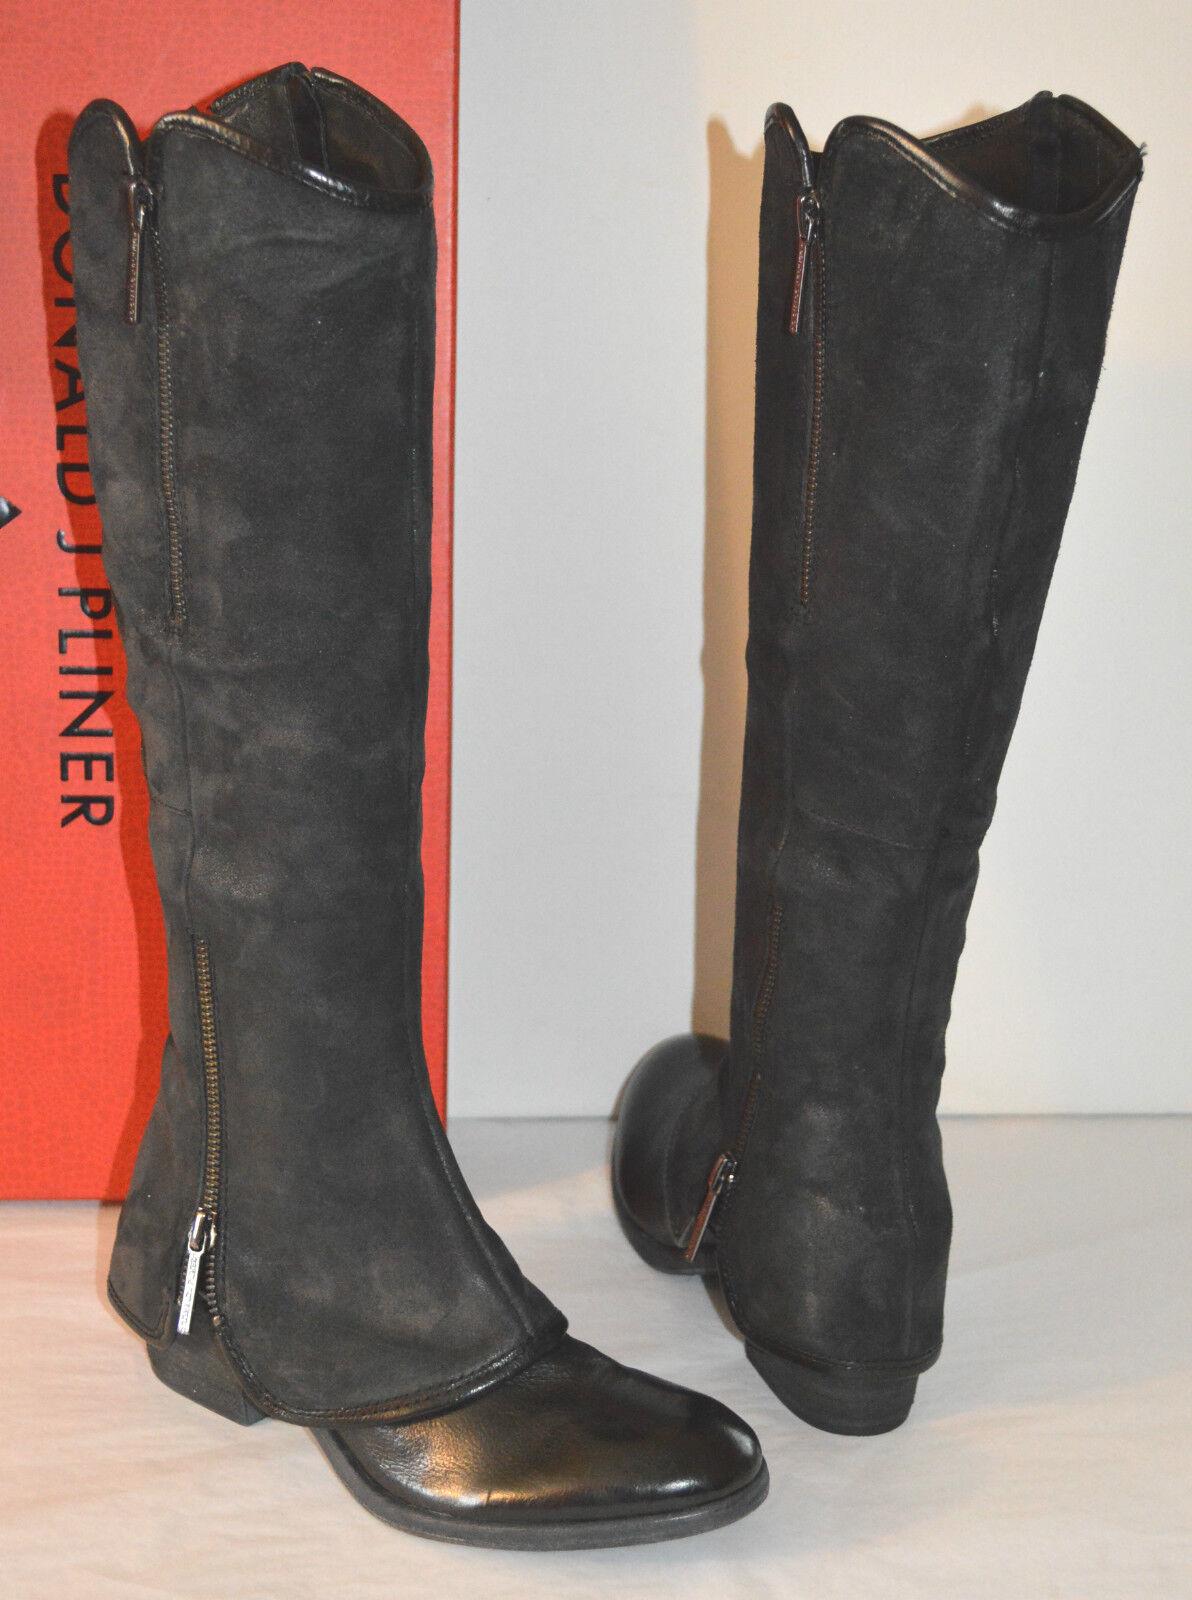 100% autentico New  398 Donald J J J Pliner DEVI4  nero Suede Leather Reverse Calf Tall stivali sz 5  più economico